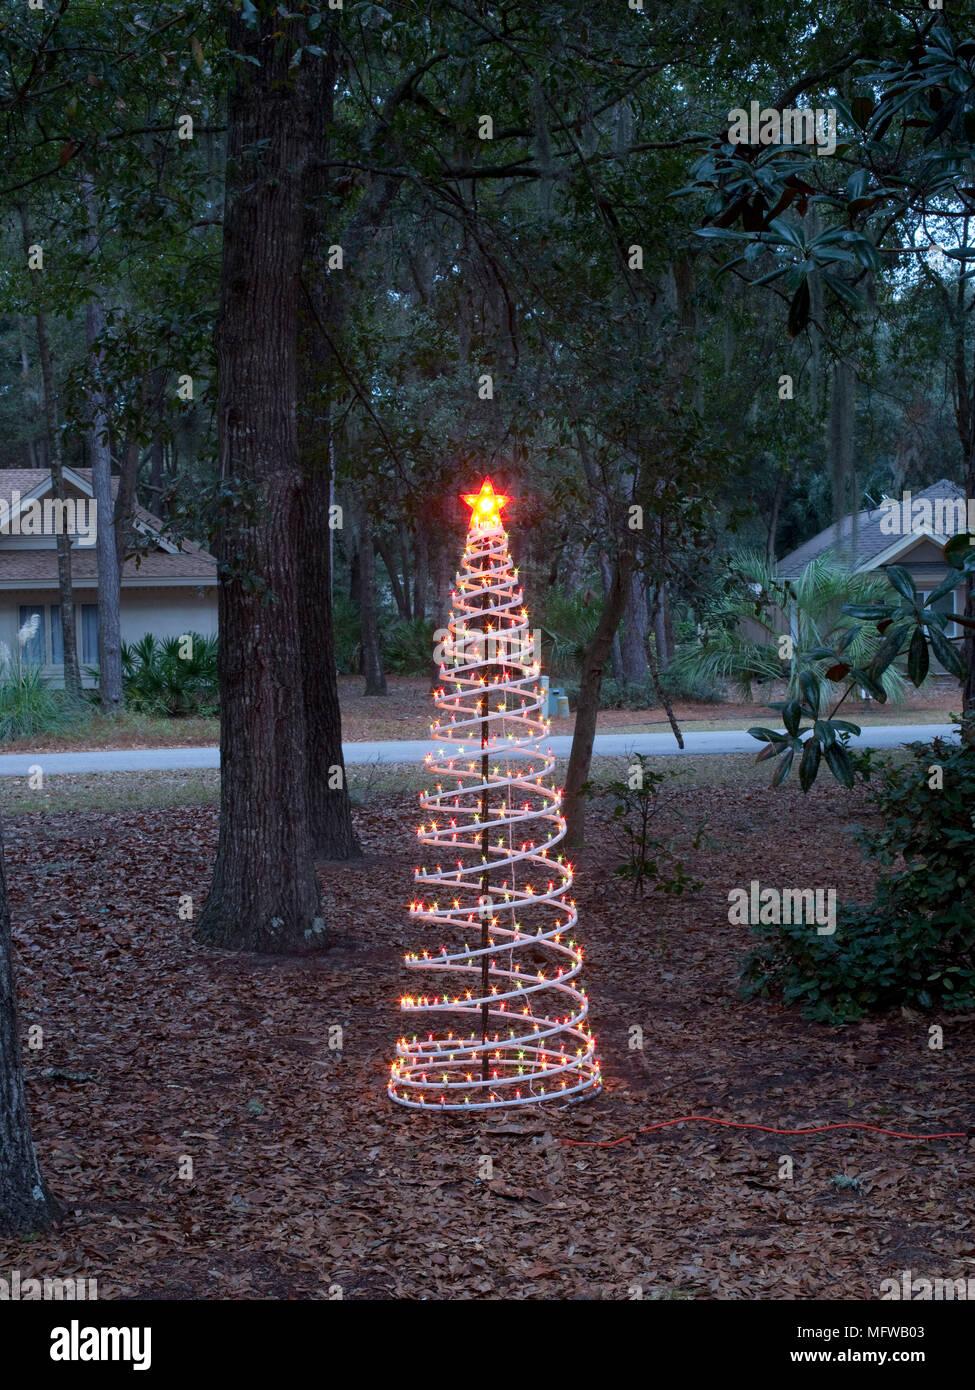 Moderner Weihnachtsbaum.Moderner Weihnachtsbaum Stockfoto Bild 181880947 Alamy